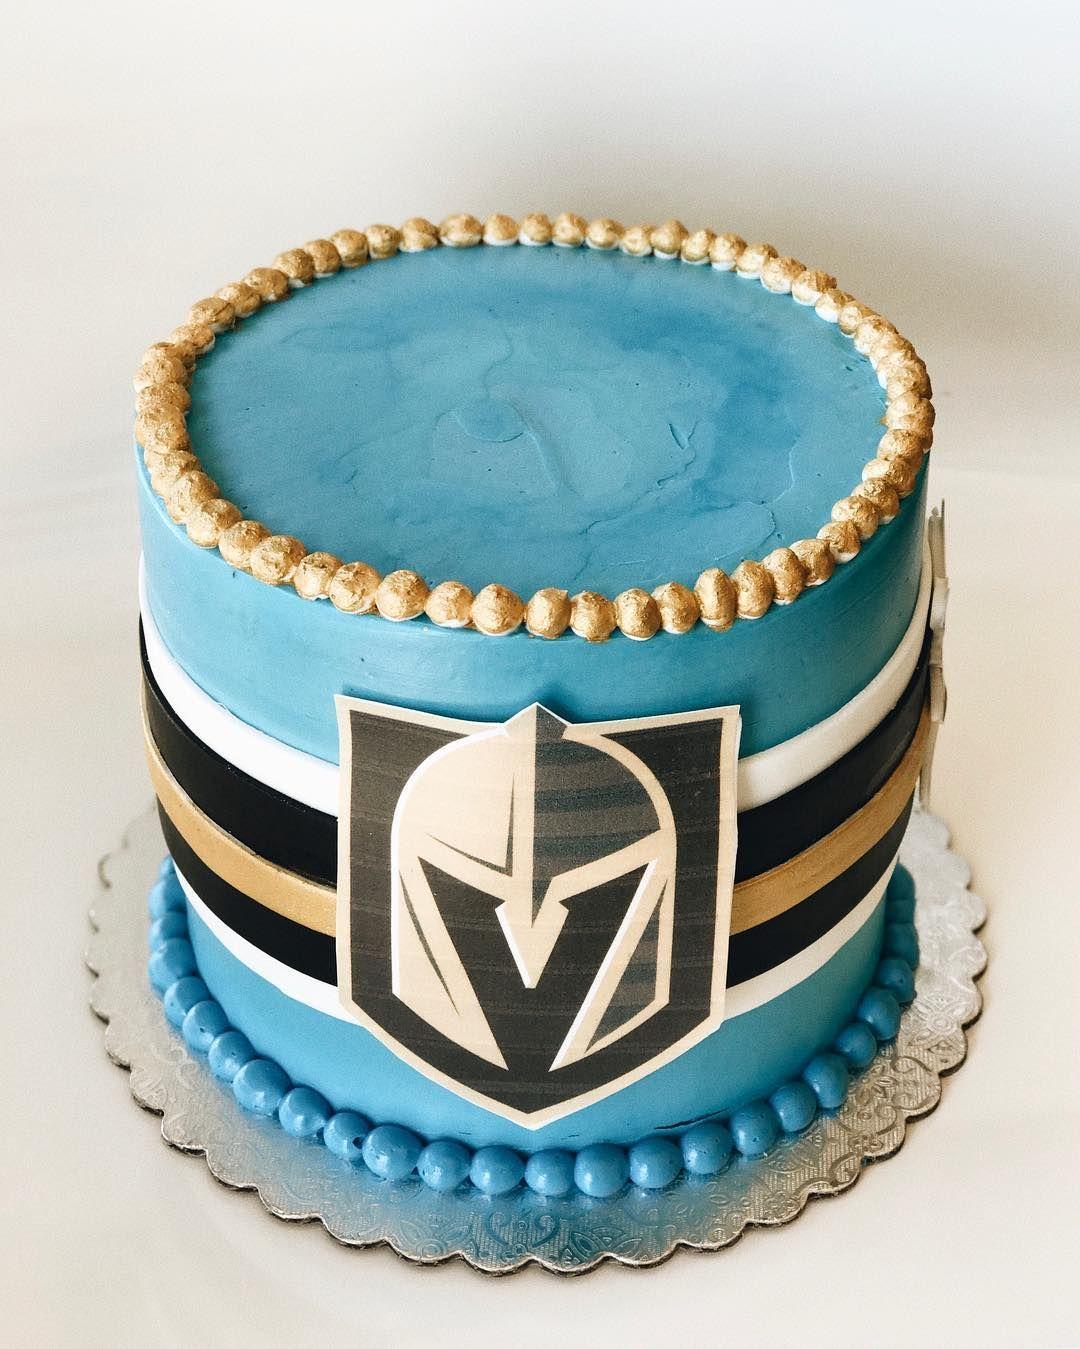 Las vegas golden knights hockey lasvegas goldenknights